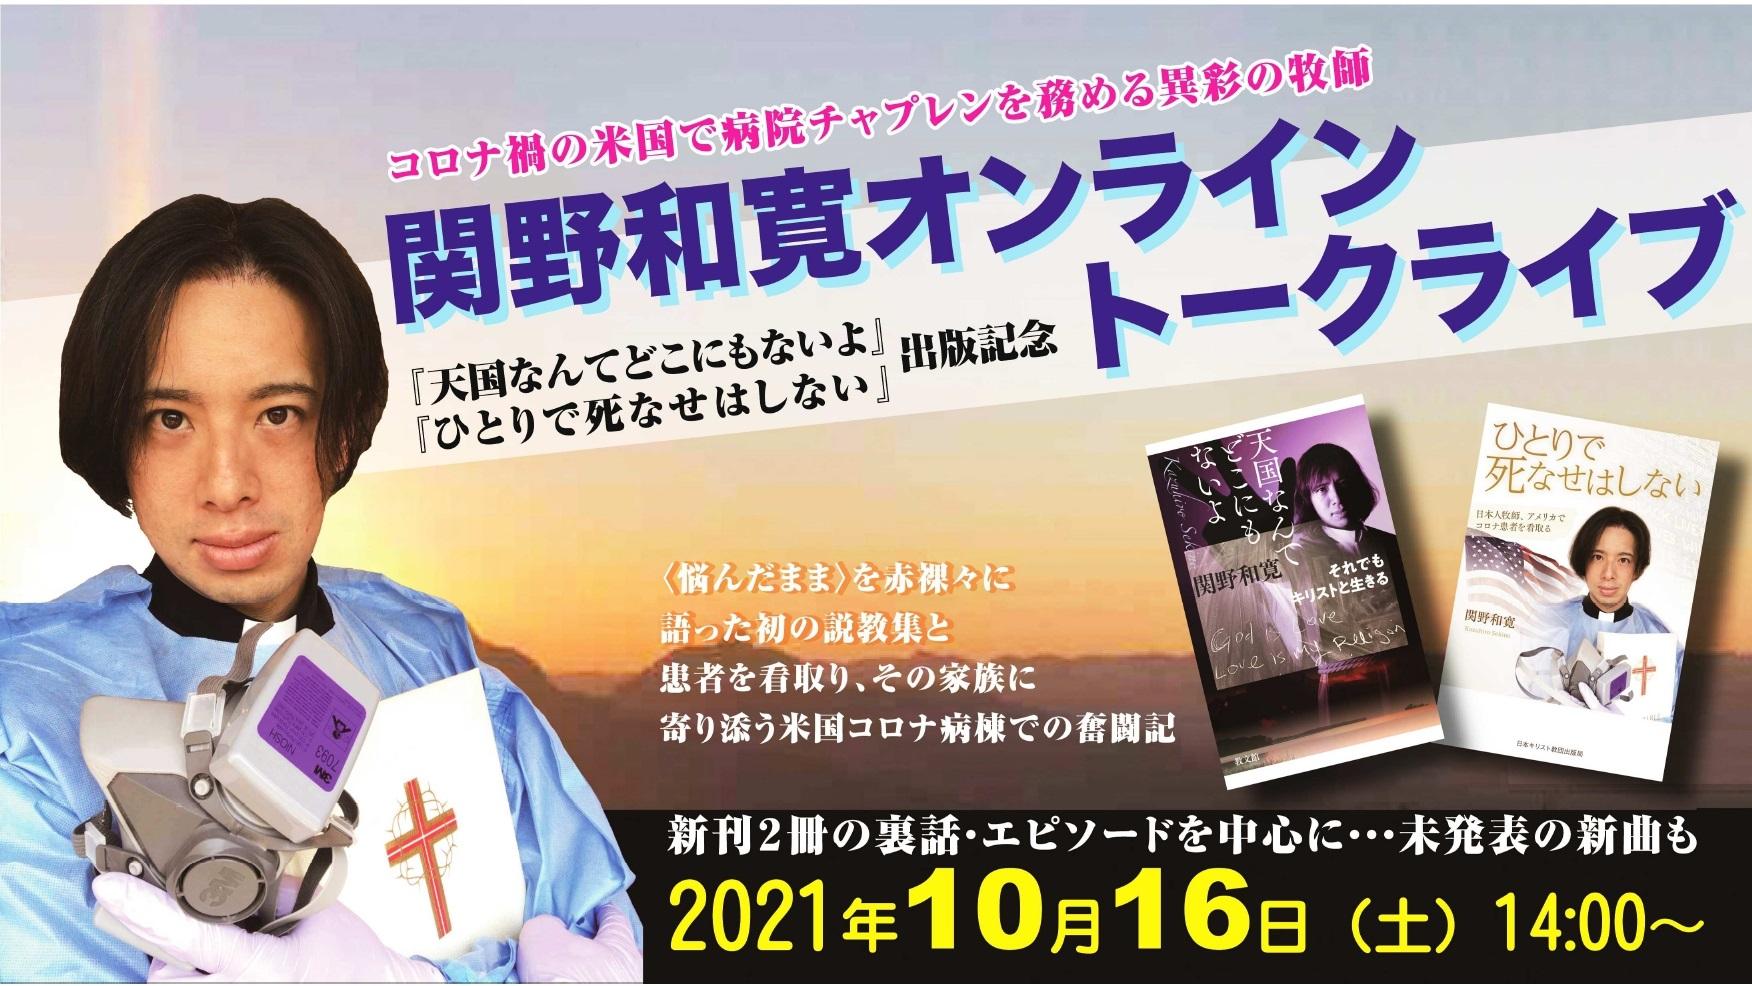 保護中: 第42回文化講演会・関野和寛牧師トークイベント情報(チケット購入者用)